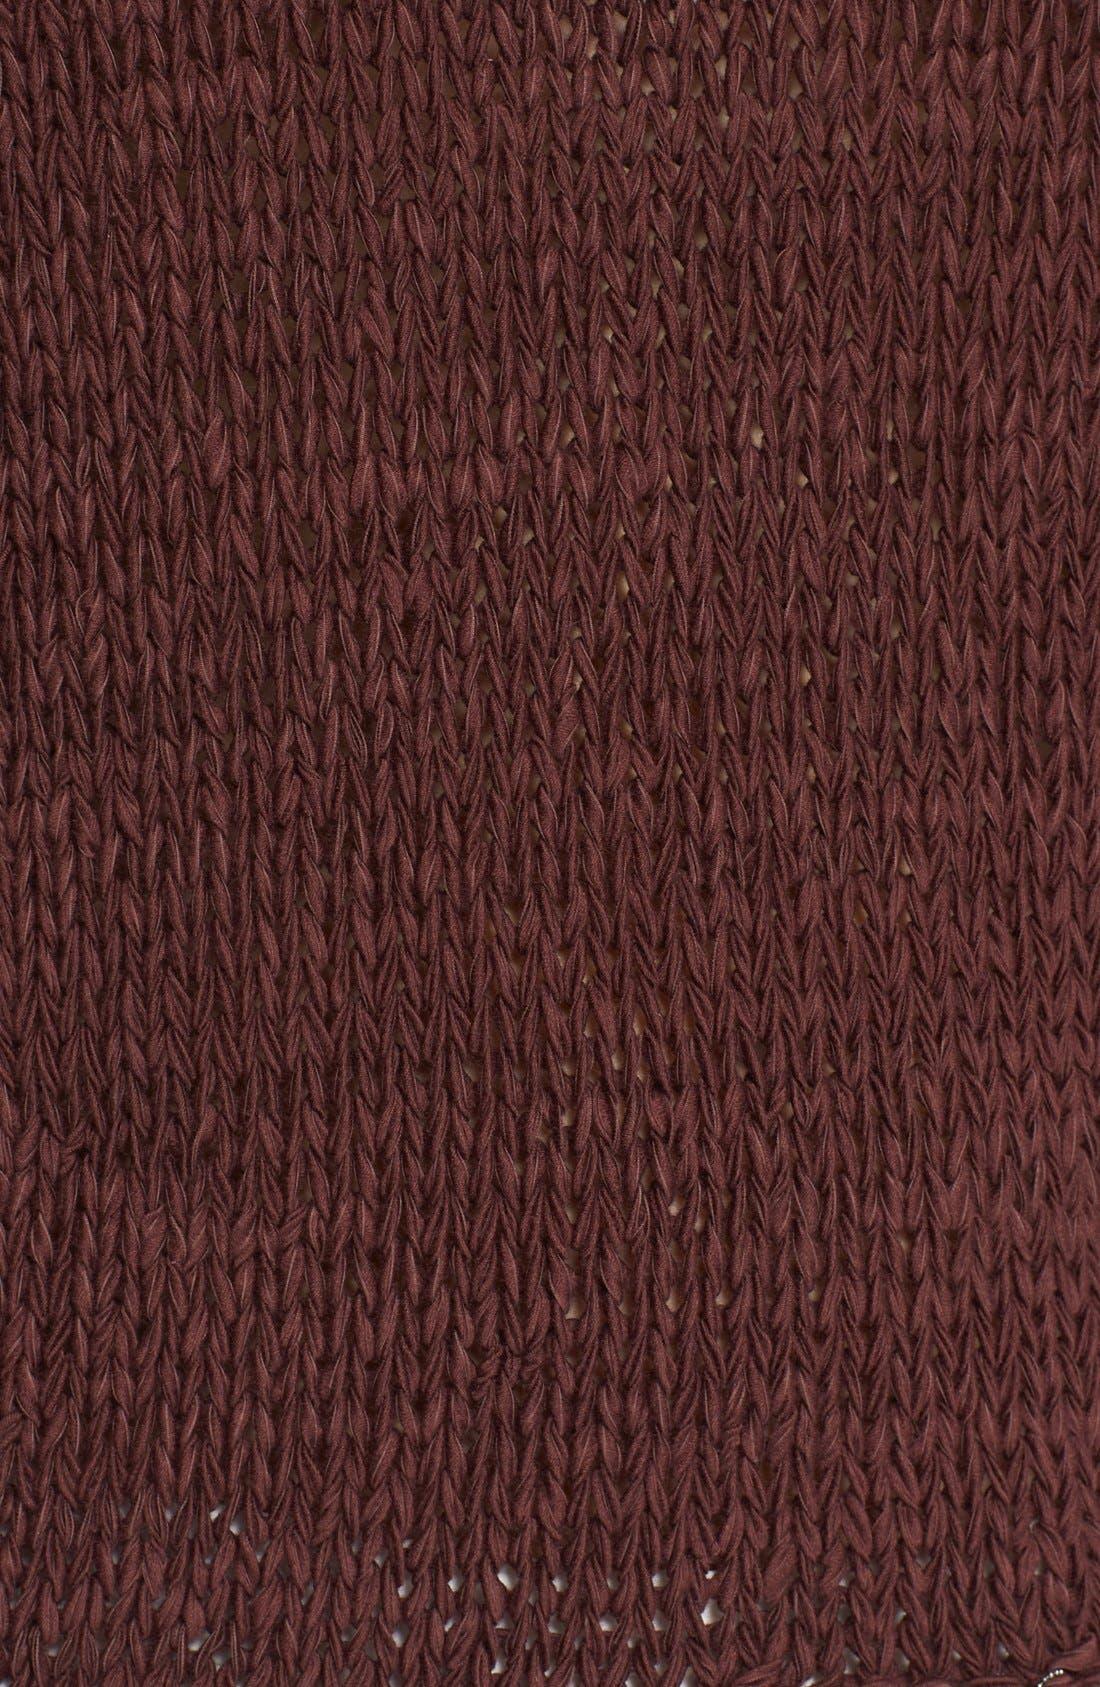 Mollini Trim Cotton Blend Sweater,                             Alternate thumbnail 3, color,                             601